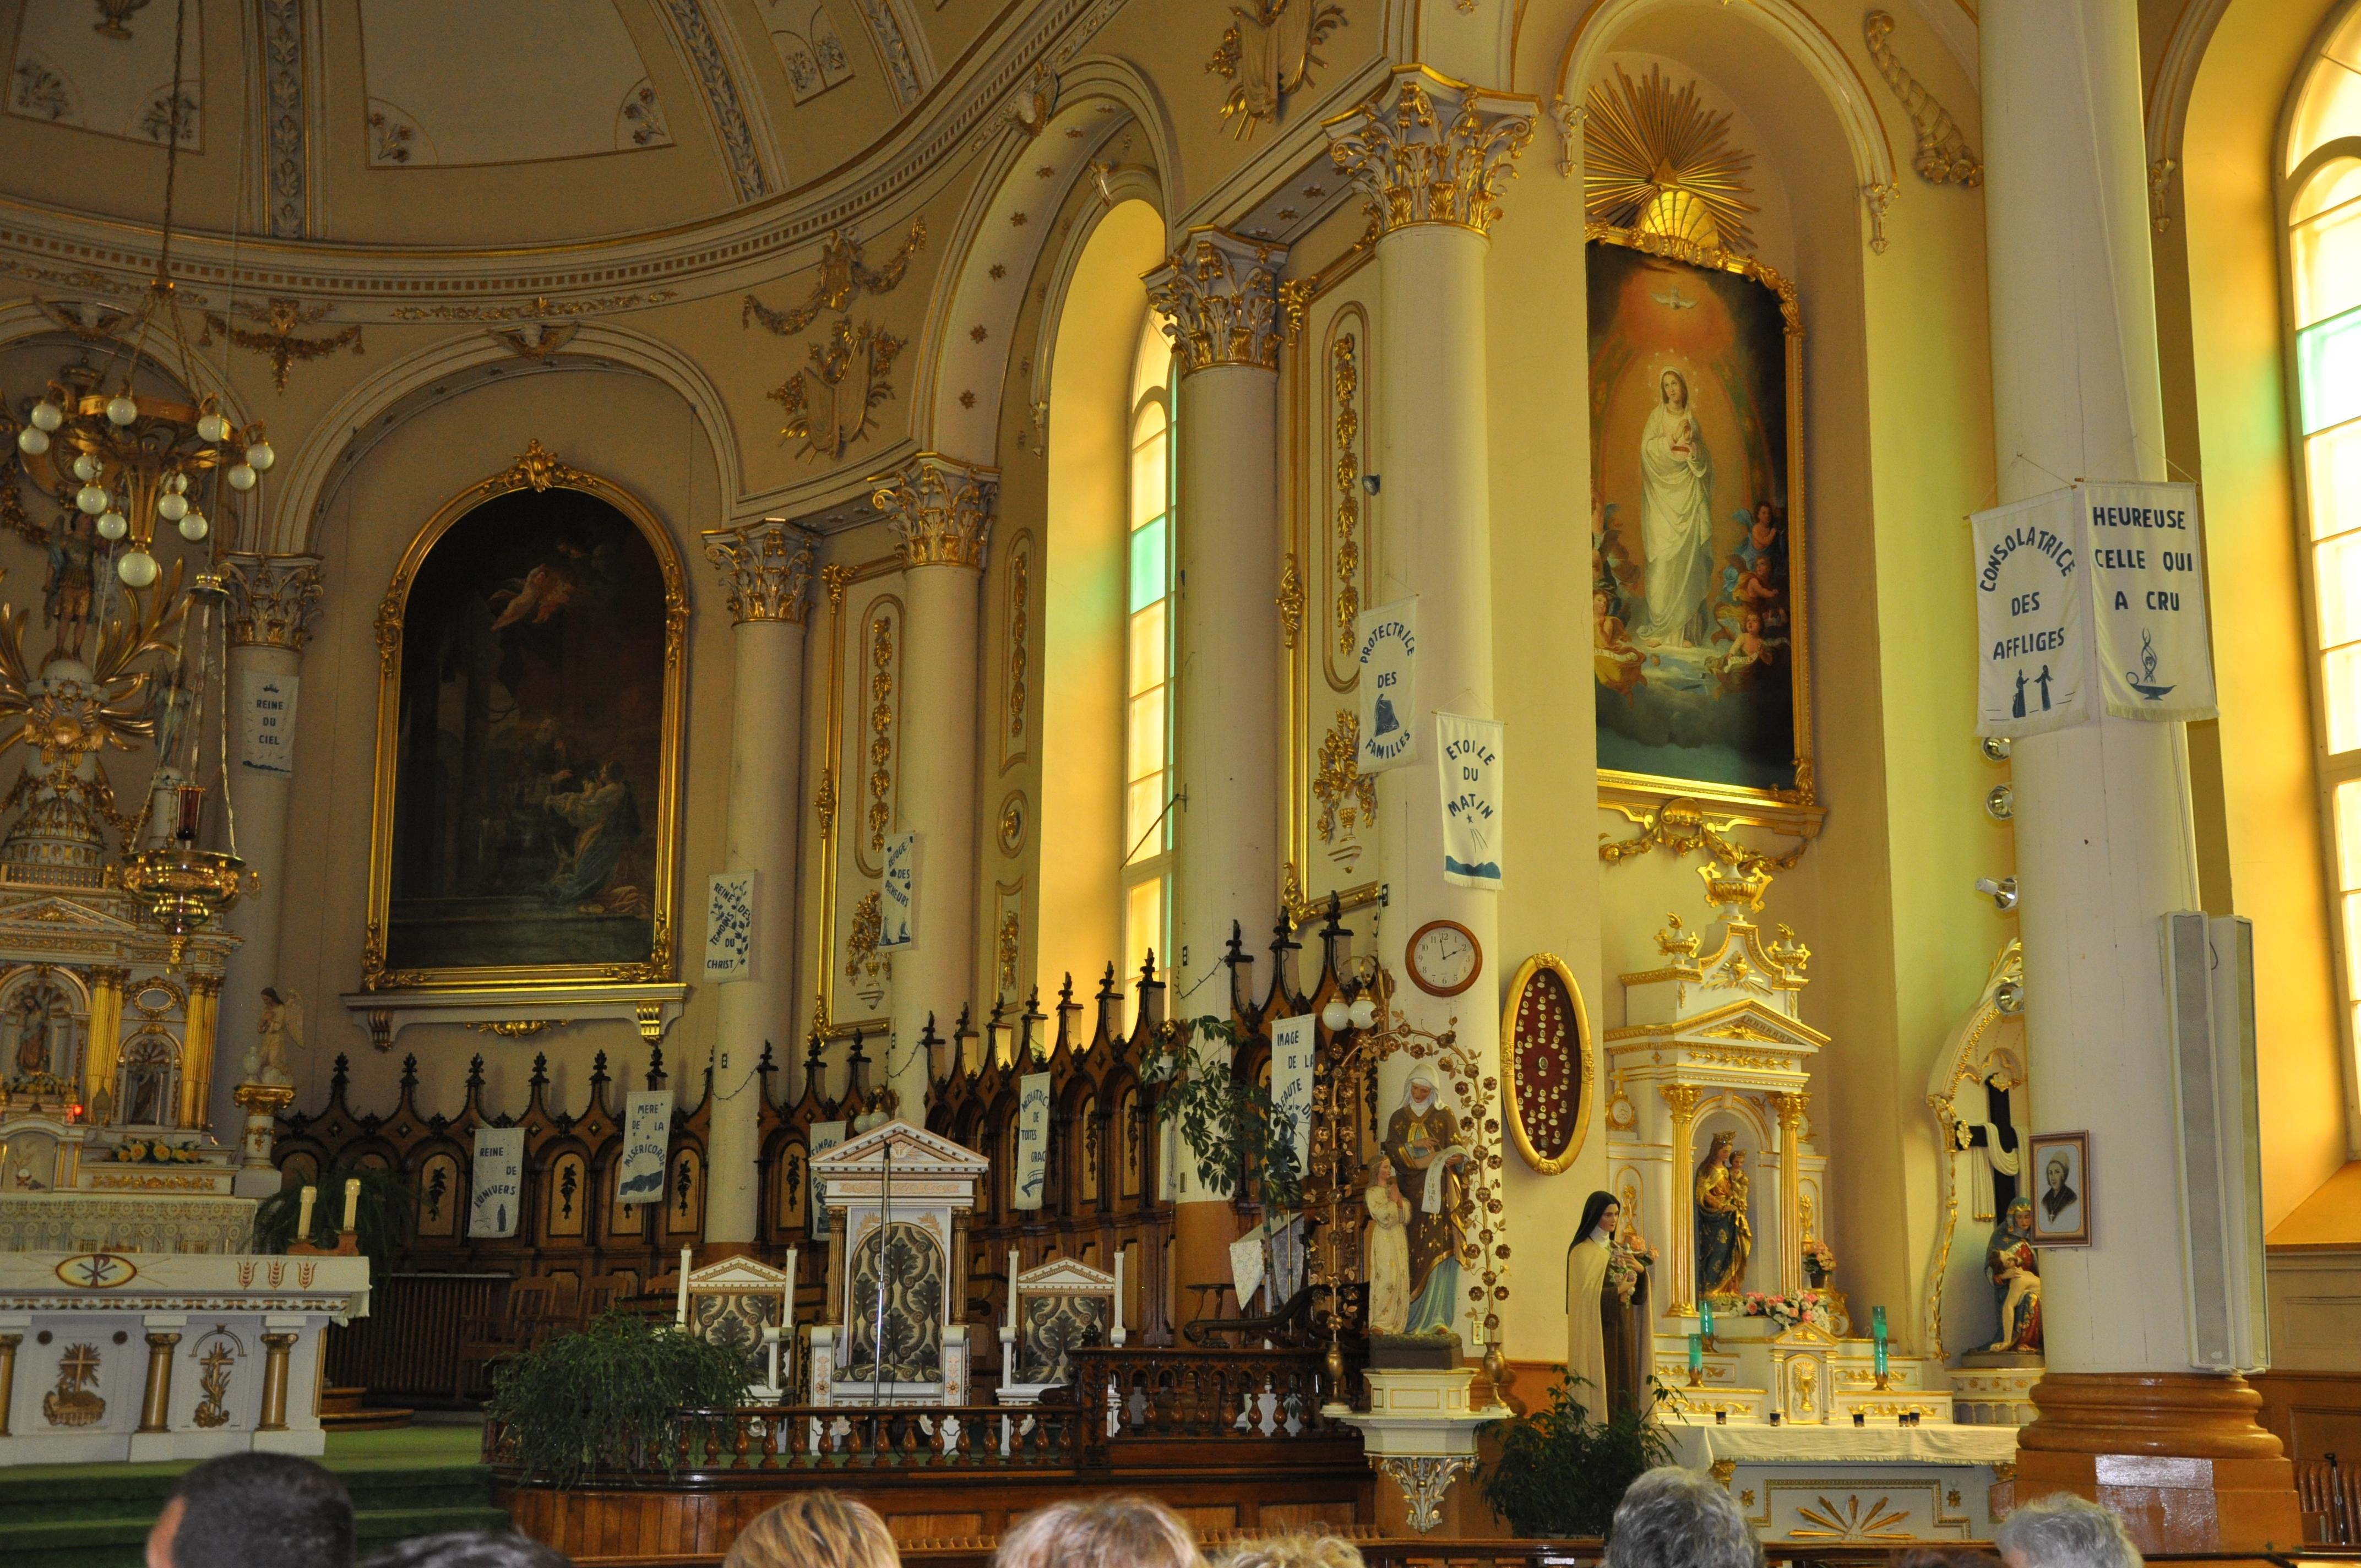 intérieur de l'église de Saint-Michel